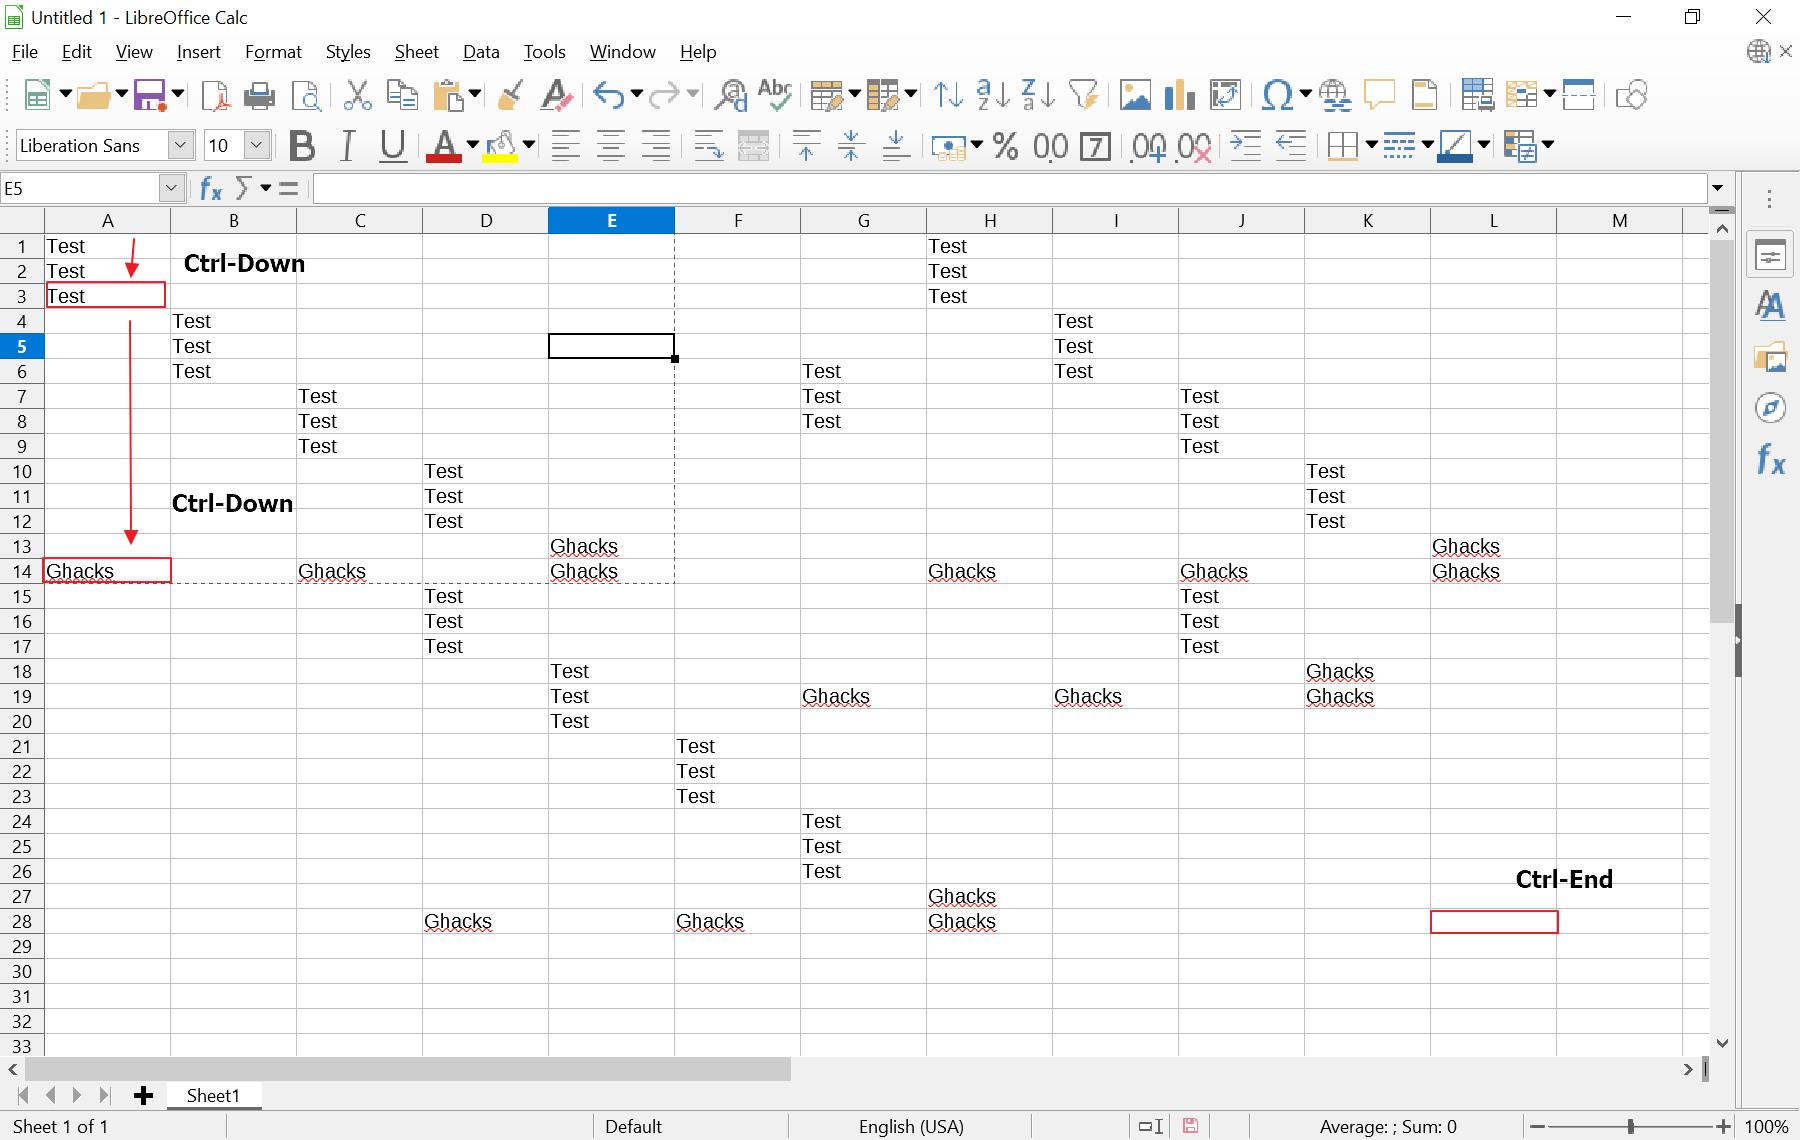 hoja de cálculo Excel salta a la última fila con datos